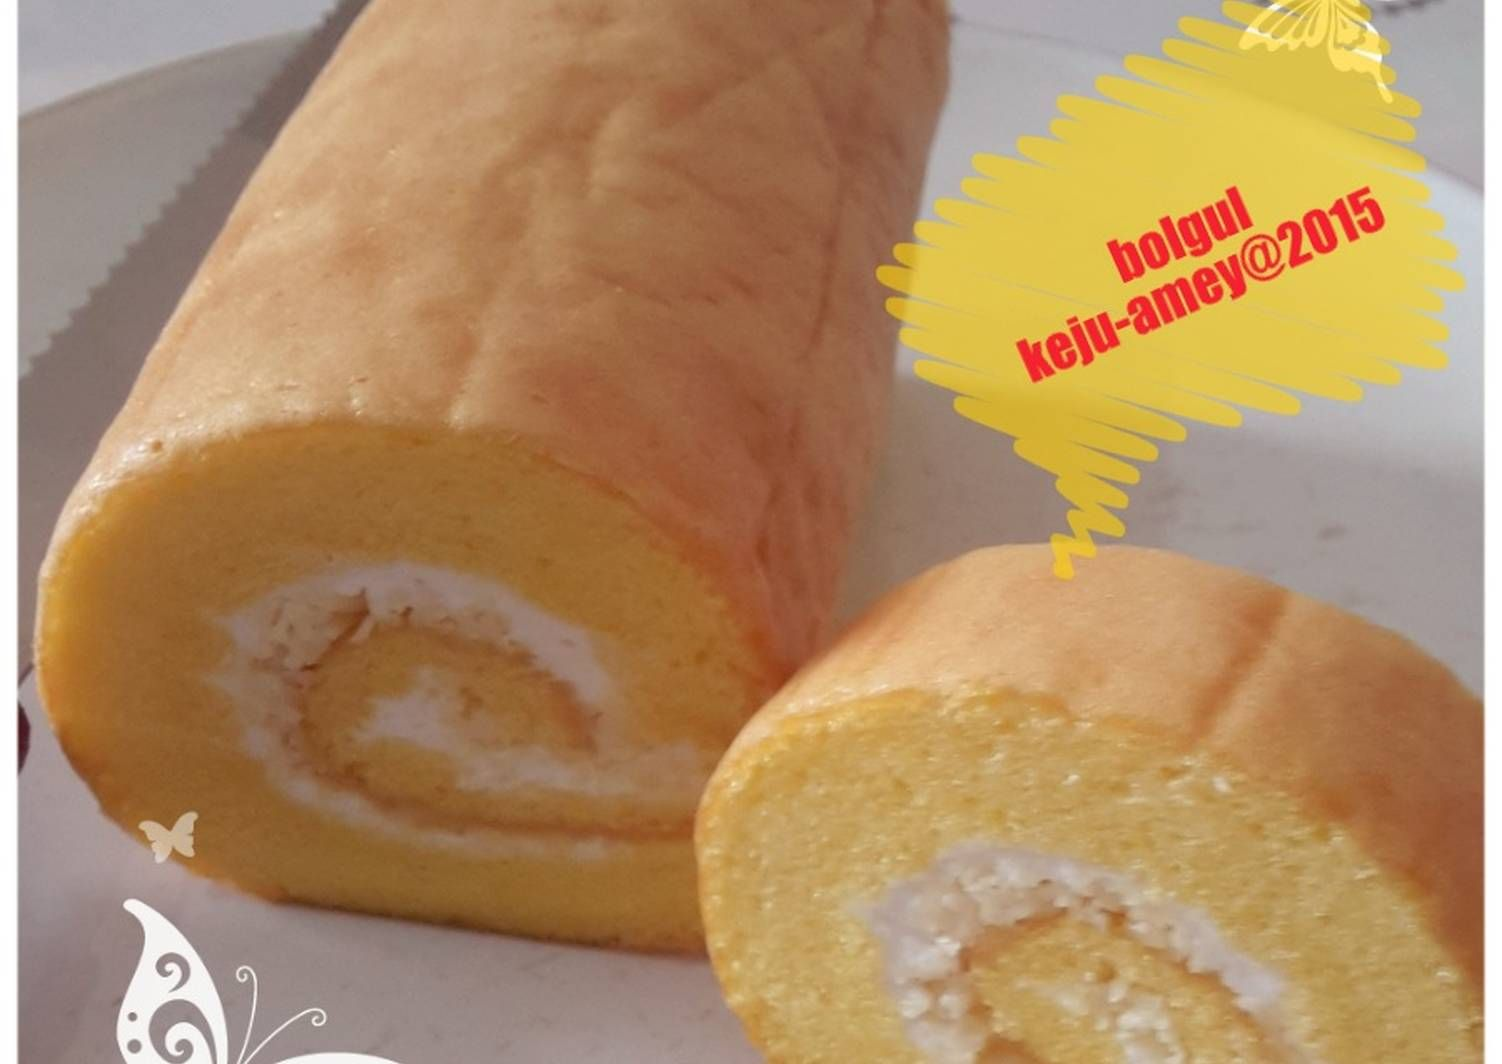 Resep Bolu Gulung Lembut Tnp Sp Oleh Amei Resep Makanan Penutup Makanan Makanan Dan Minuman